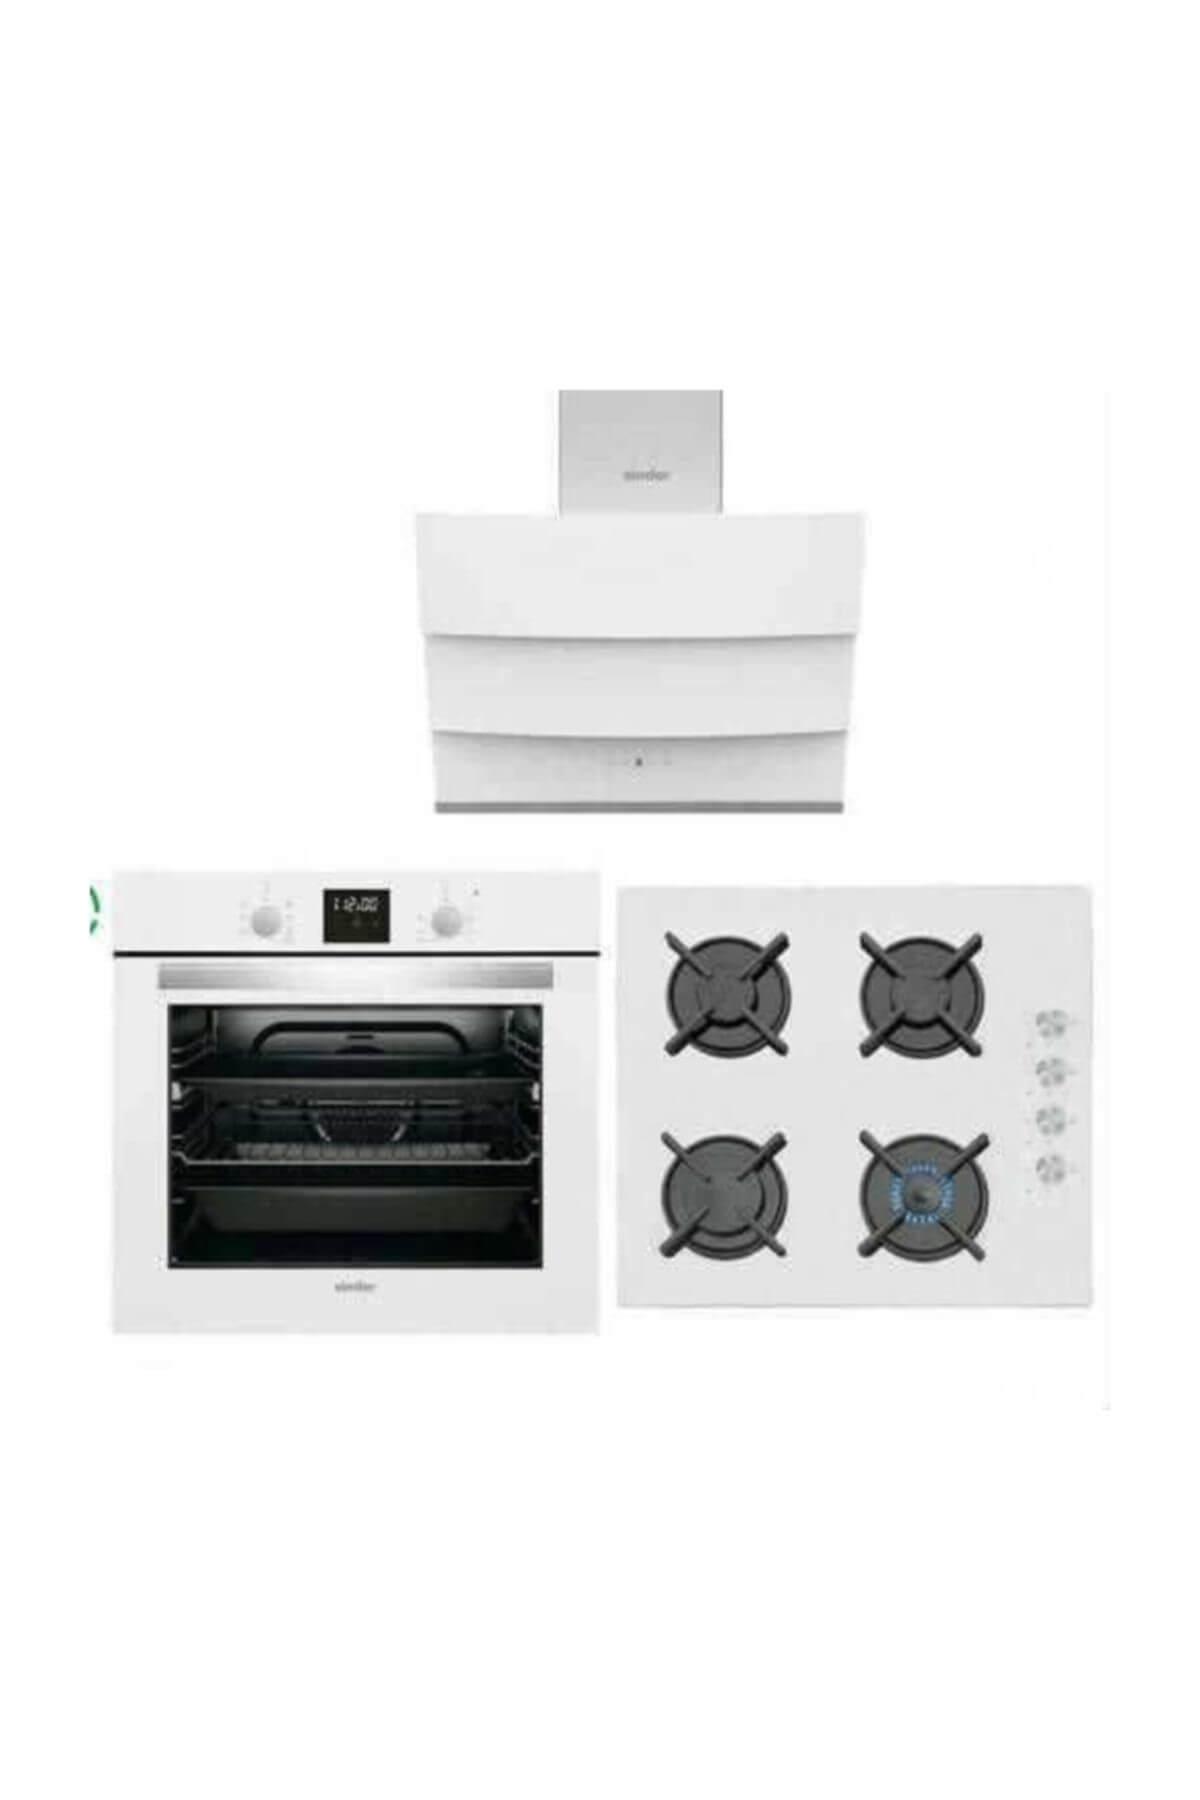 Simfer Beyaz Dijital Ankastre Set (7310 Fırın+3507 Ocak+8688 Davlumbaz)  Fiyatı, Yorumları - TRENDYOL